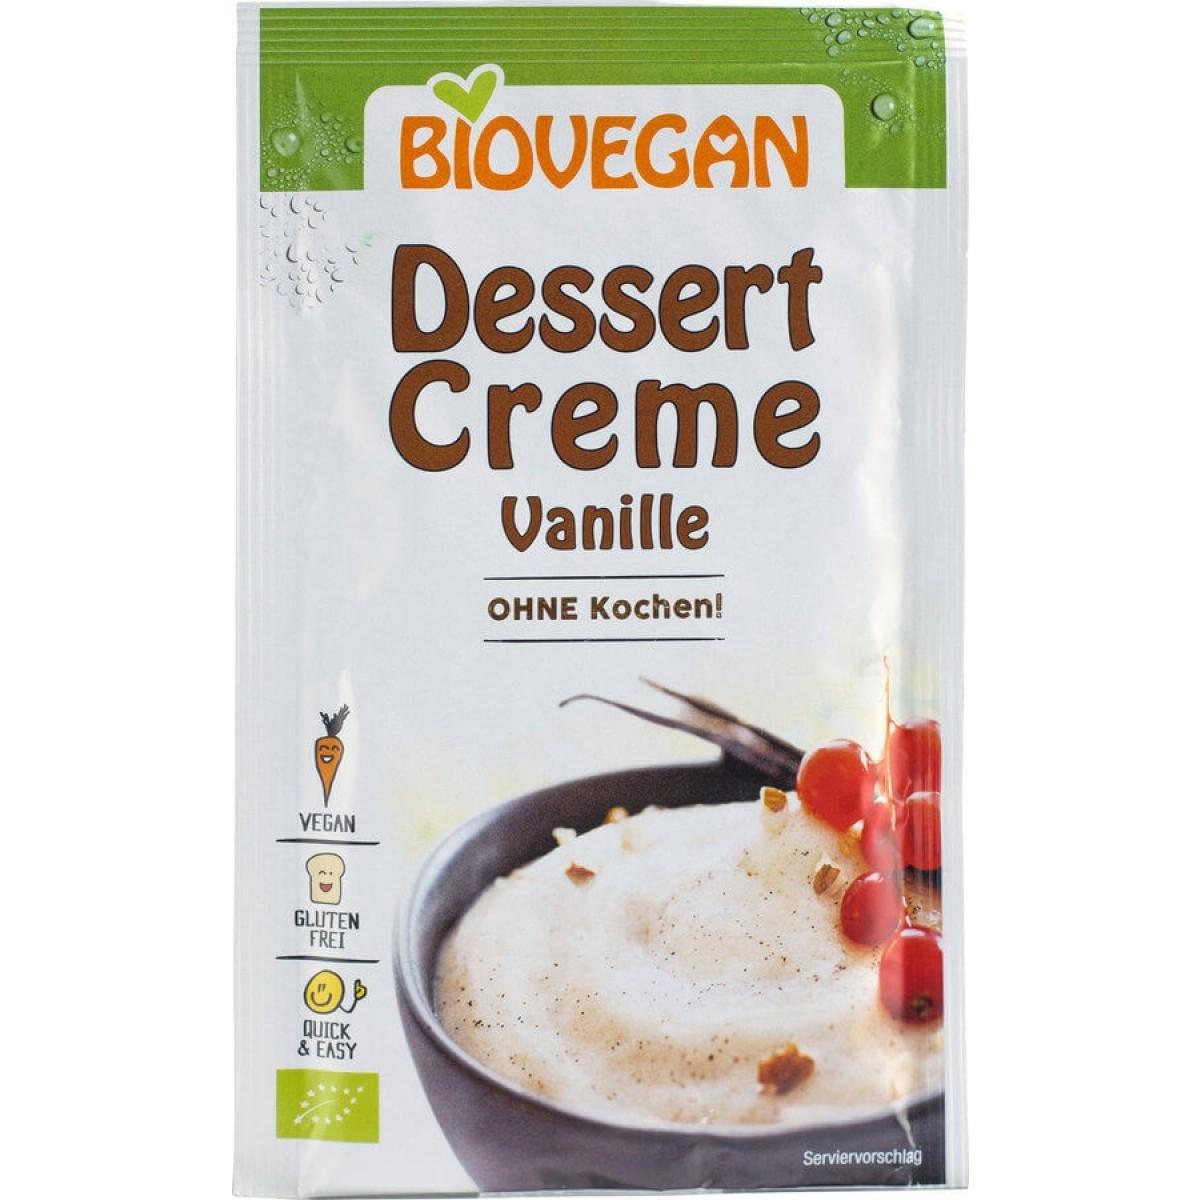 Dessert Crème Vanille